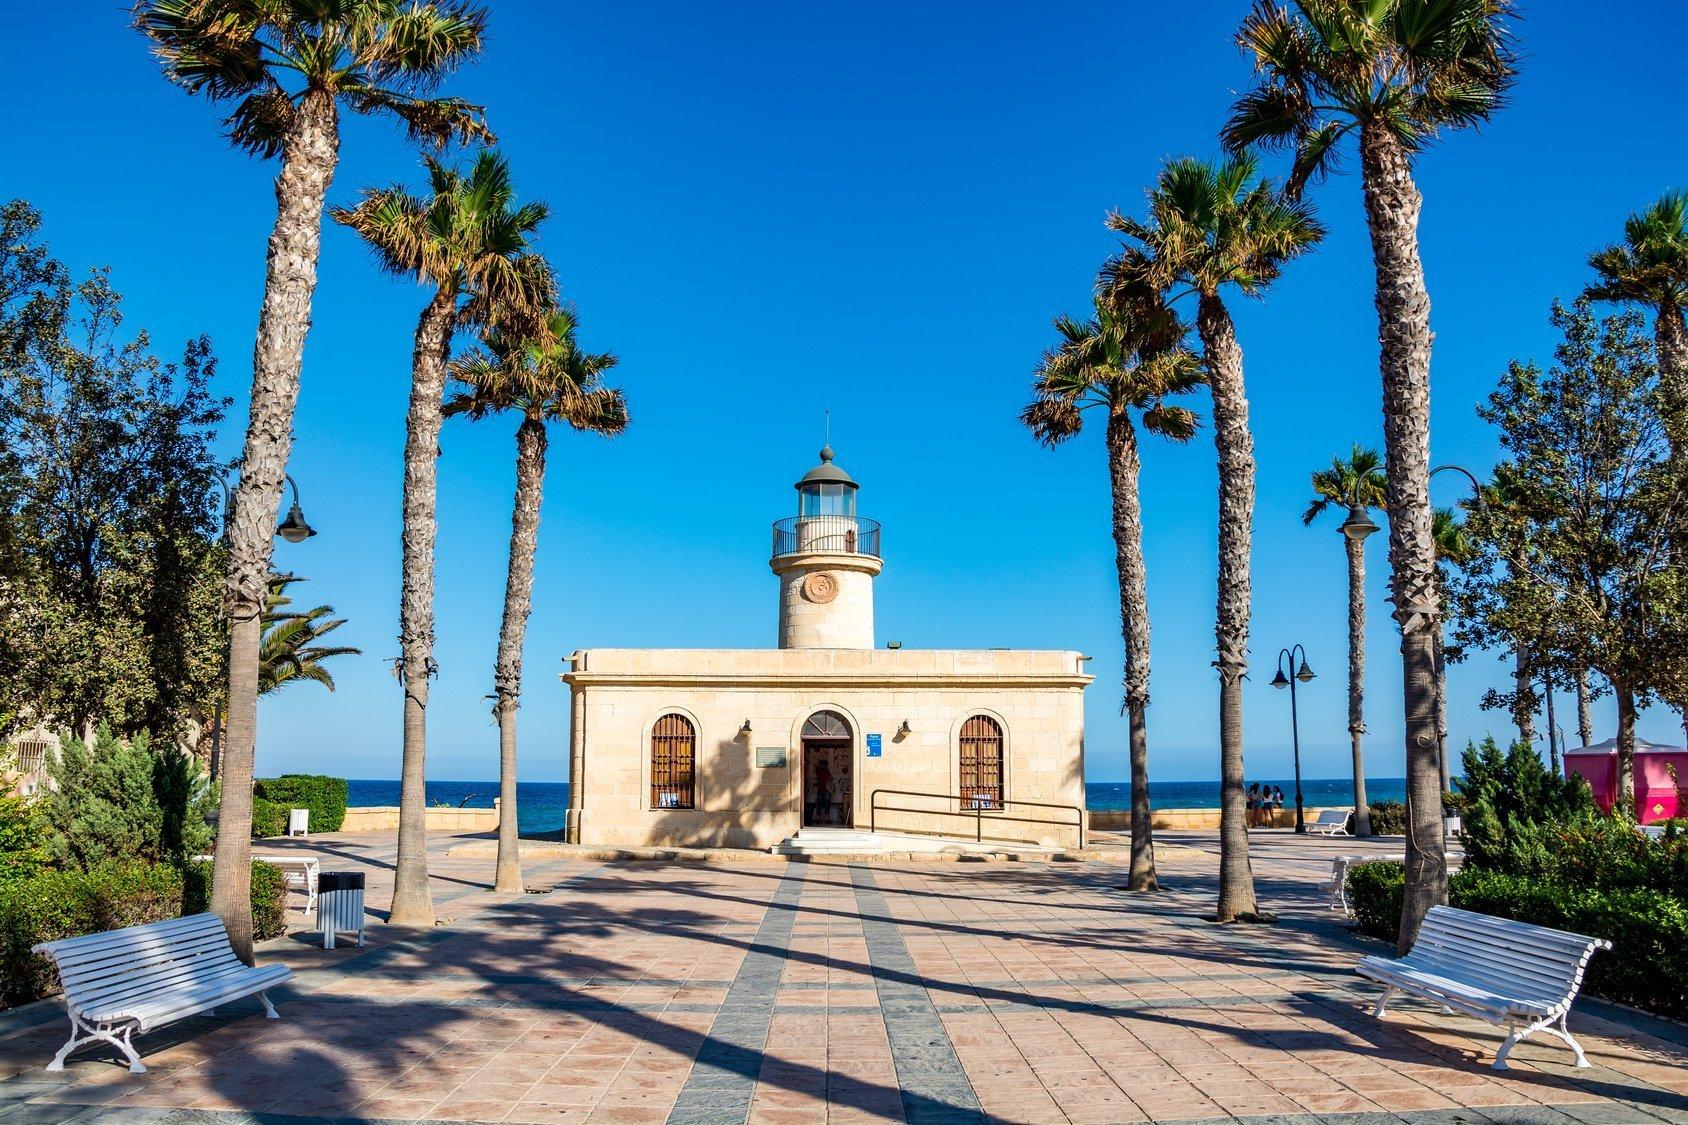 Costa de almeria hiszpania andaluzja wakacje - Costa sol almeria ...